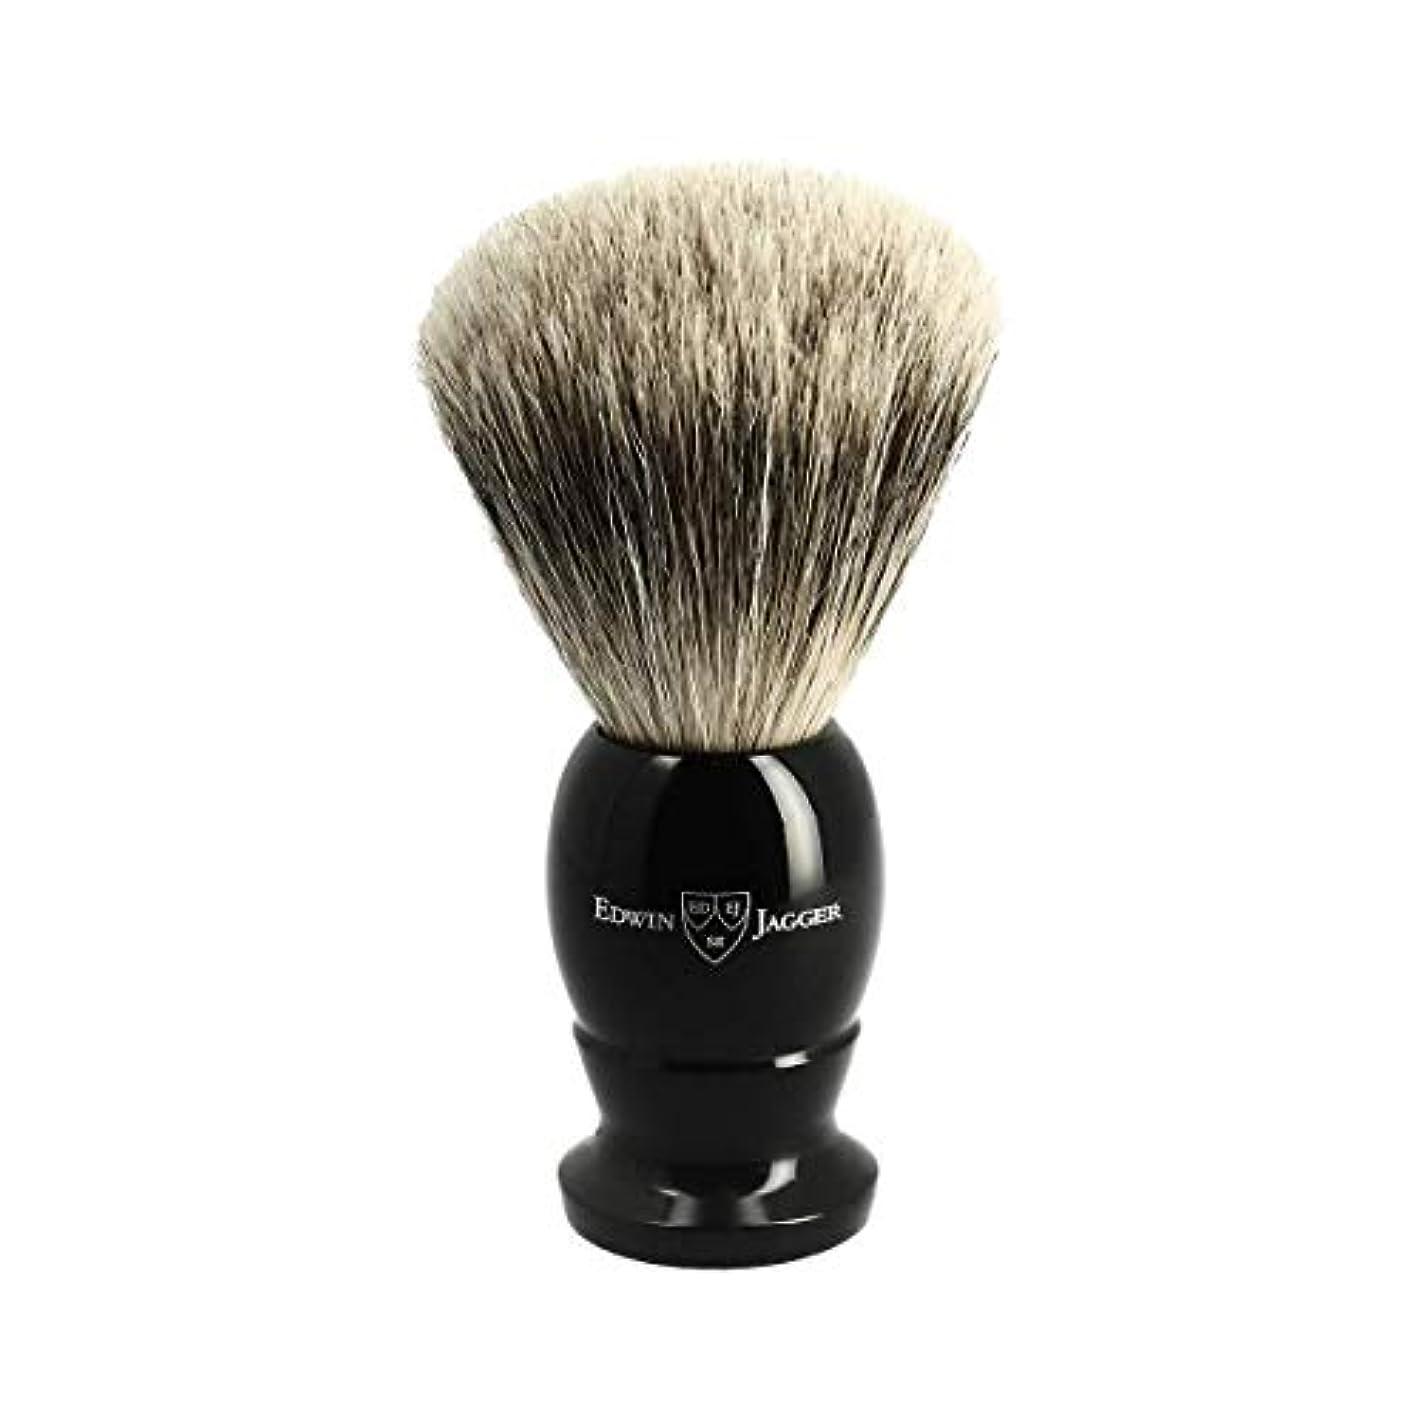 おじいちゃんバスト締めるエドウィンジャガー ベストバッジャーアナグマ毛 エボニーシェービングブラシ大3EJ876[海外直送品]Edwin Jagger Best Badger Ebony Shaving Brush Large 3EJ876 [...